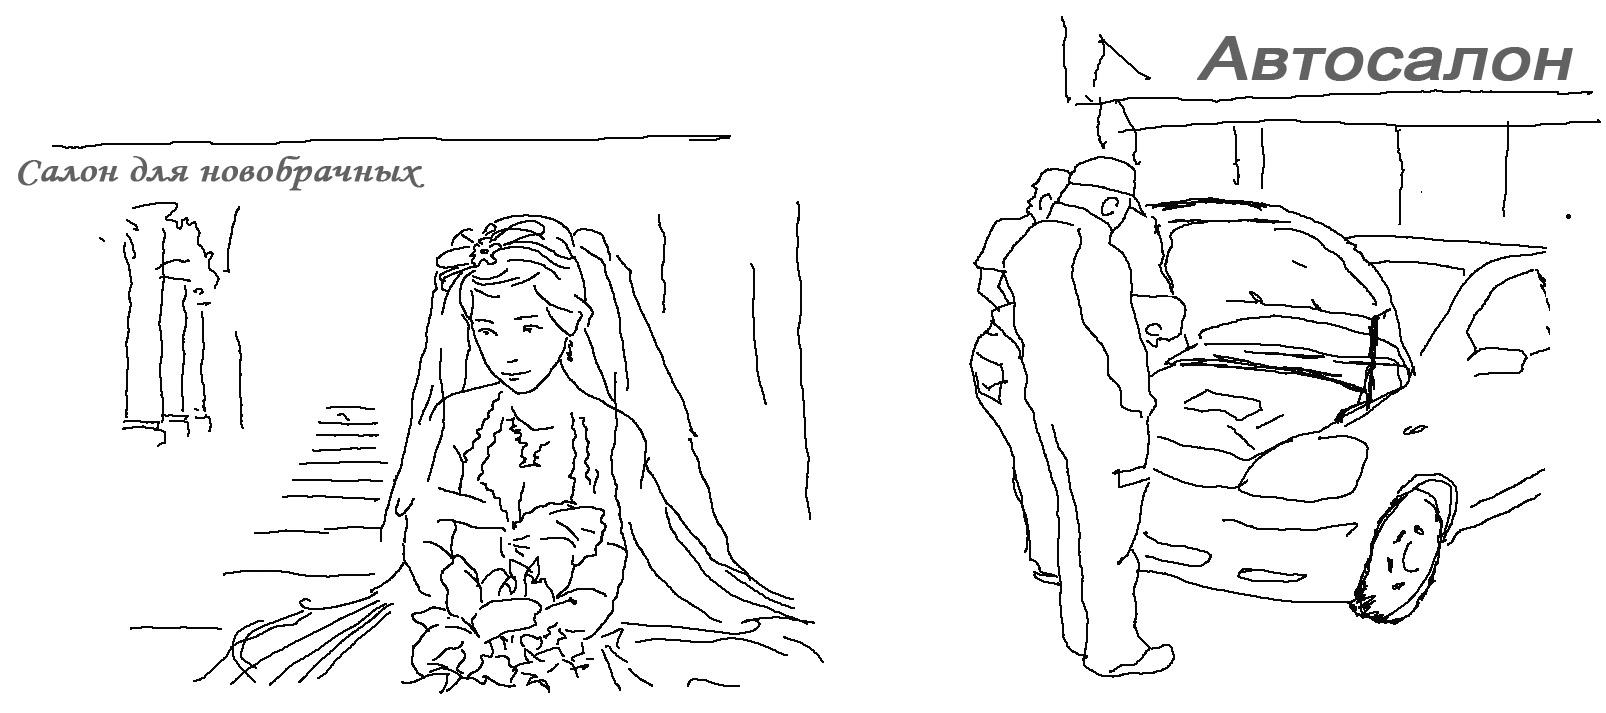 Парад невест. Глава 2.1. Стратегия поиска невесты. Сергей Недоруб.